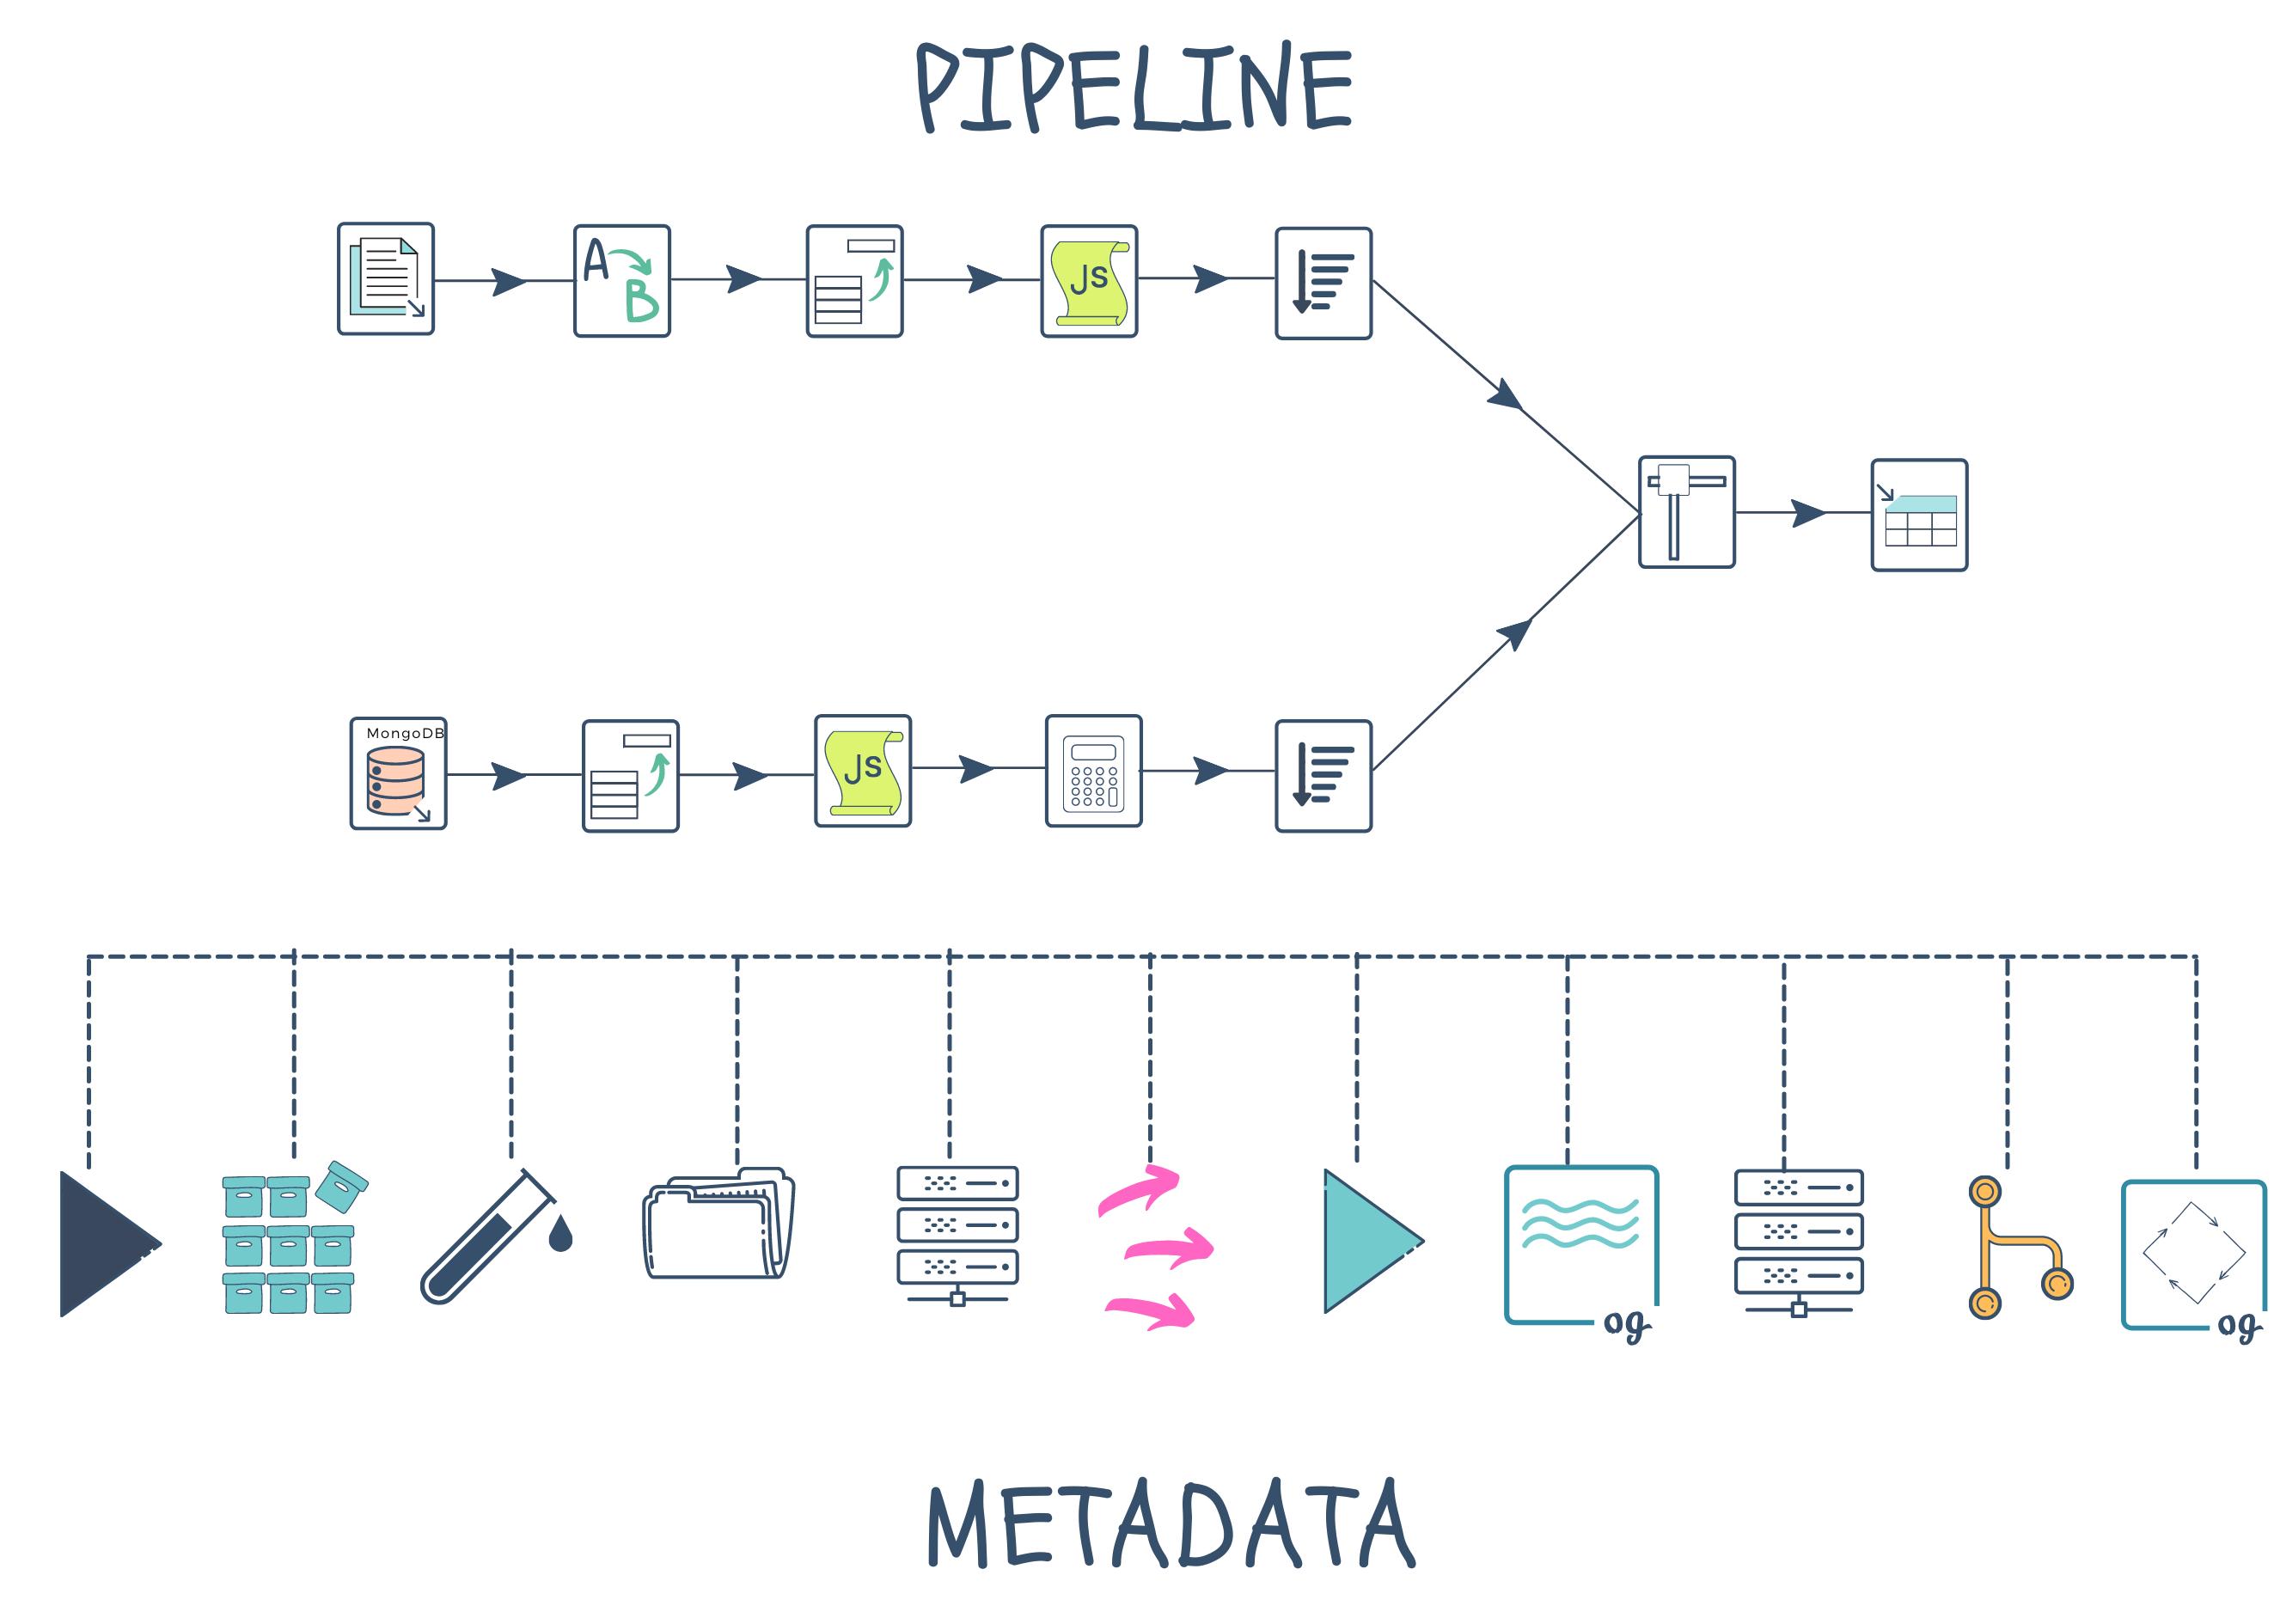 pipeline metadata